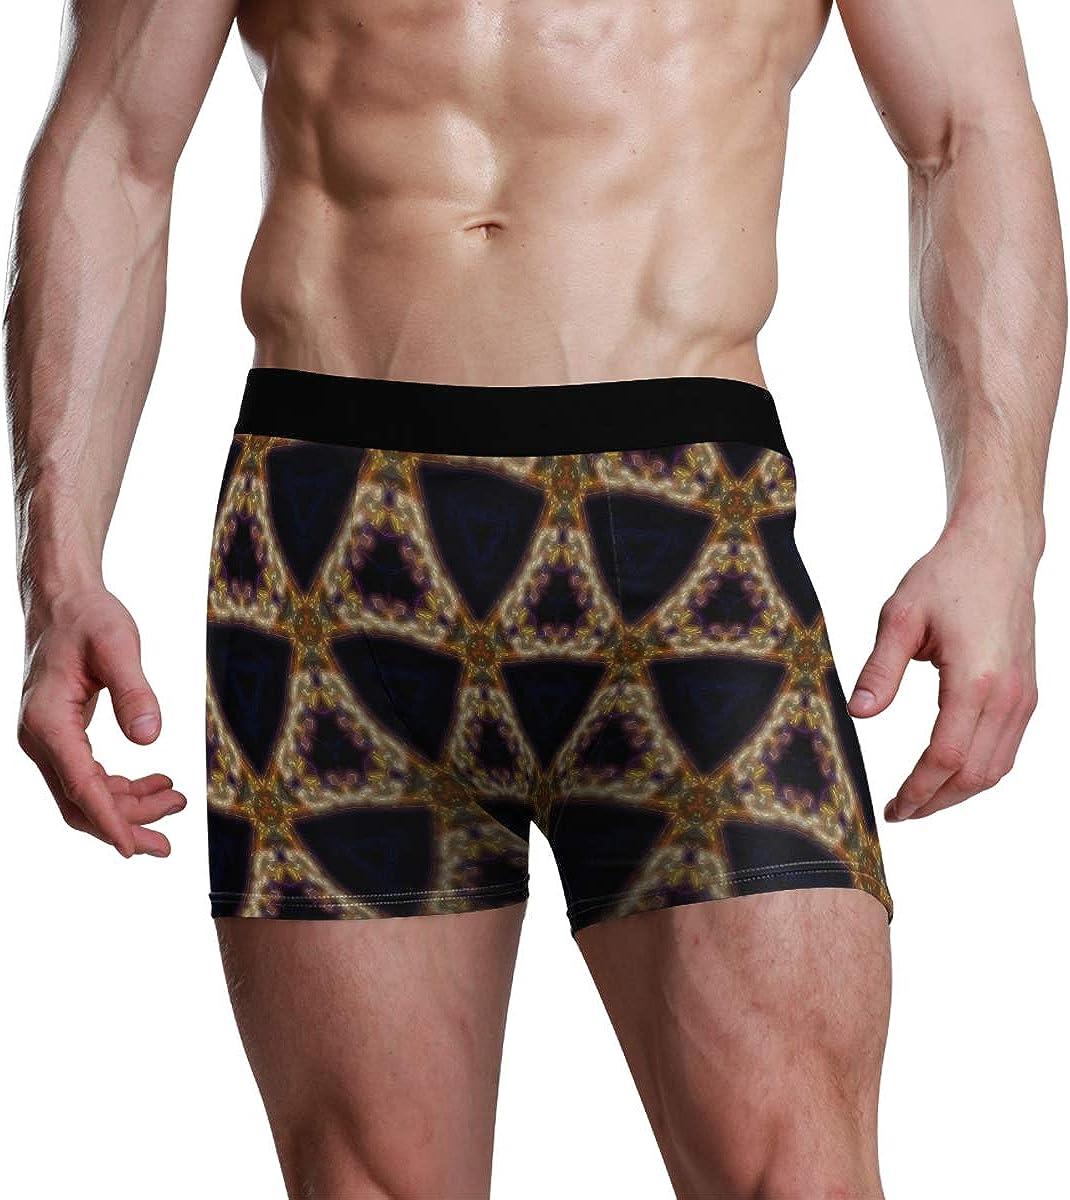 Mens Boxer Briefs Underwear Amazing Abstract Pattern Hazy Visuals Trunks Underwear Short Leg Boys